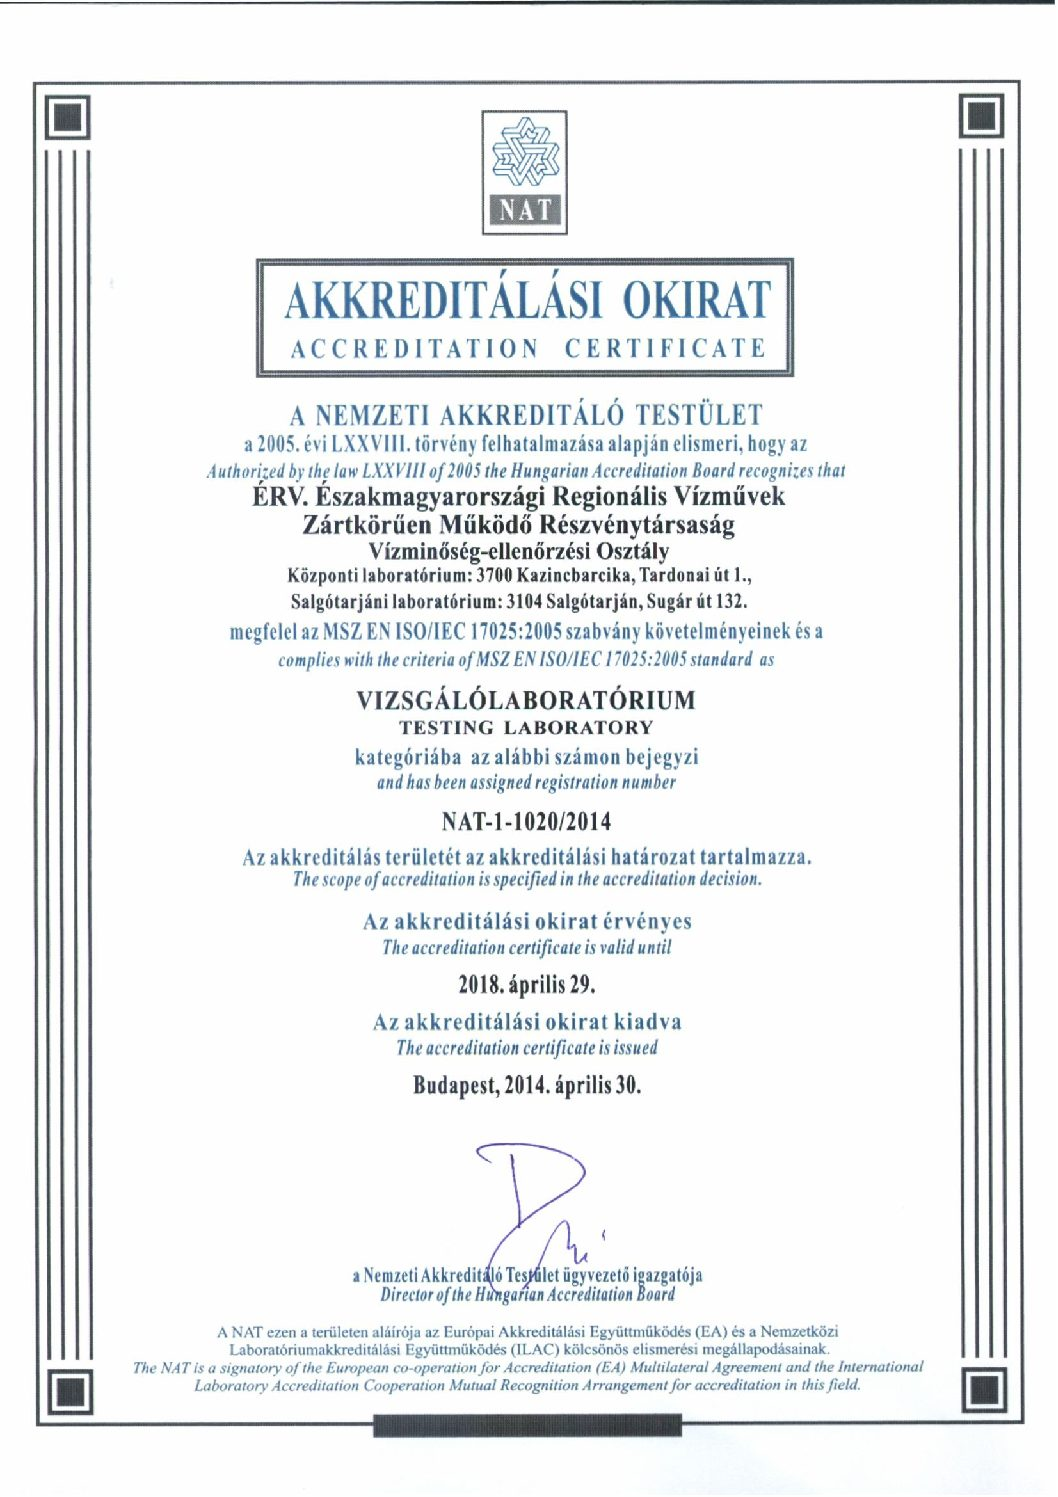 Akkreditálási okirat NAT-1-1020-2014